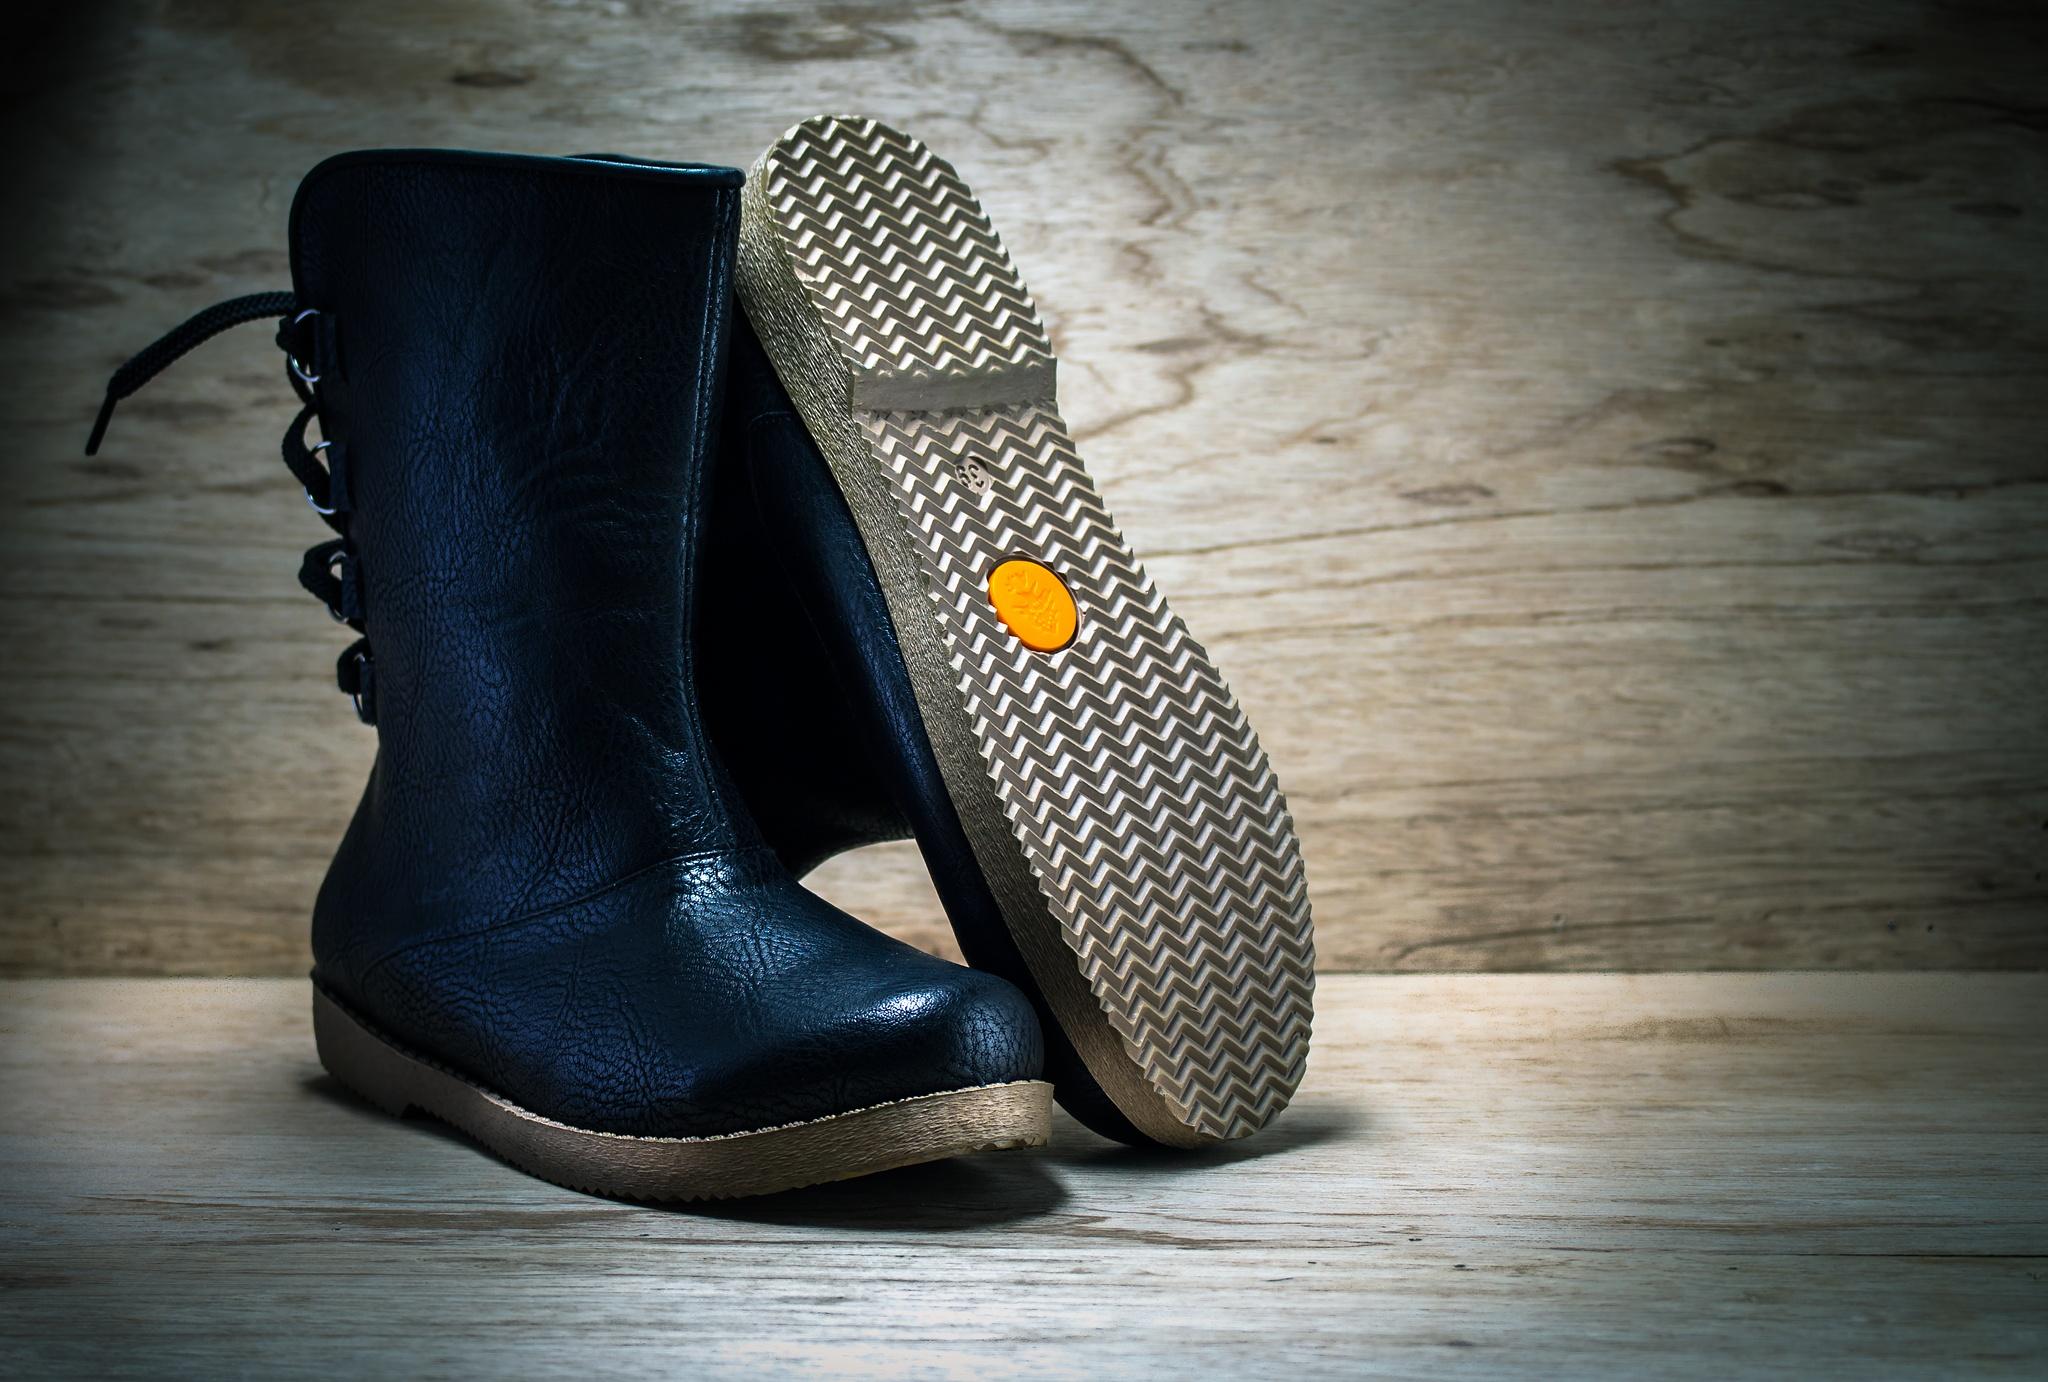 Shoes 1 set 2 by Ashraf Sabbah